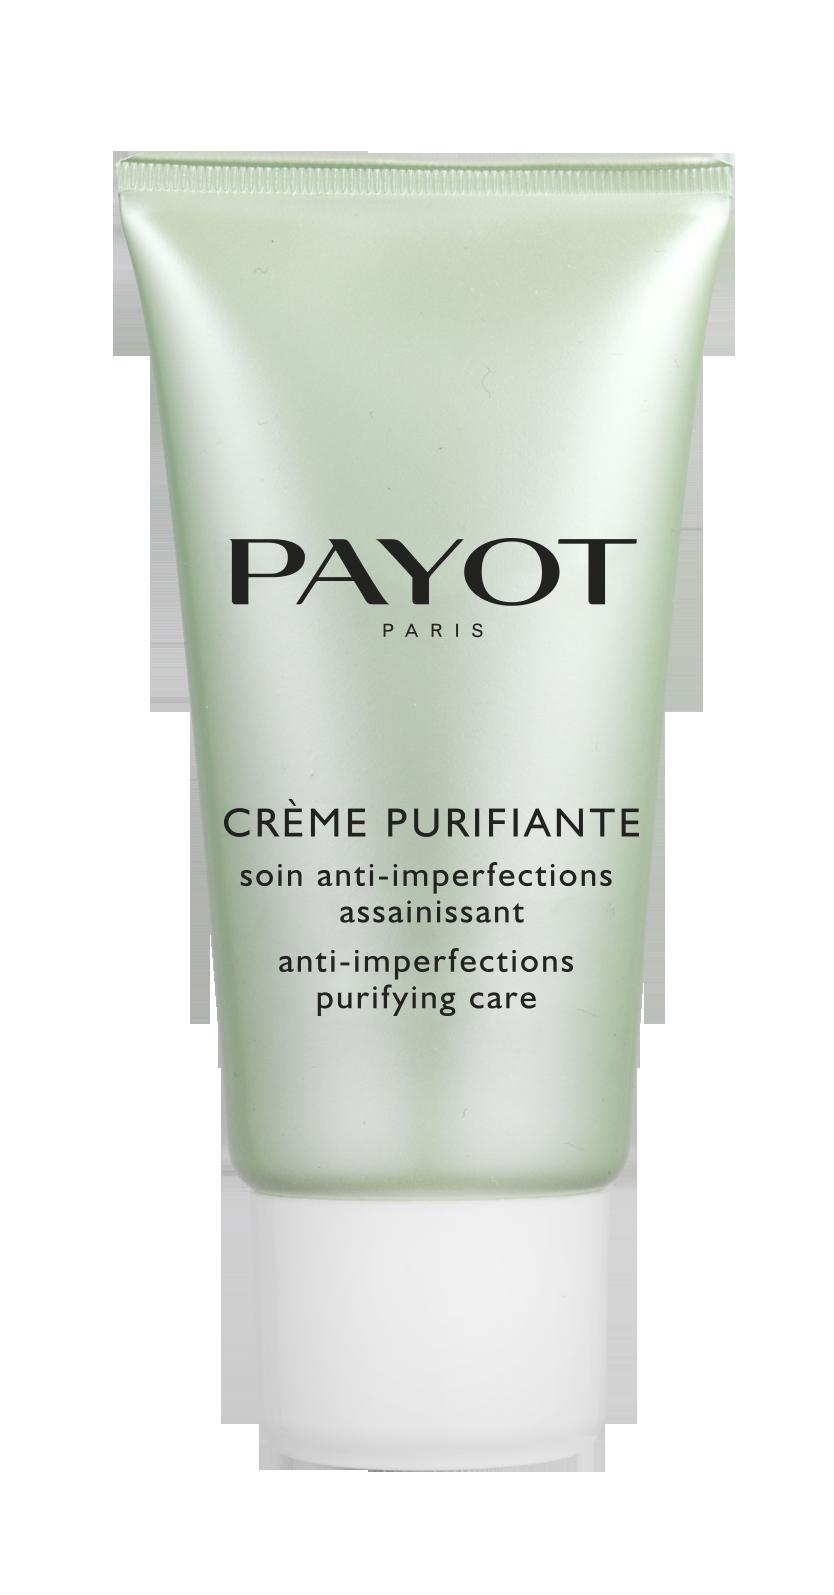 PAYOT Крем-флюид регулирующий Против Высыпаний / PATE GRISE 50 мл косметические маски payot payot pate grise очищающая матирующая угольная маска 50 мл